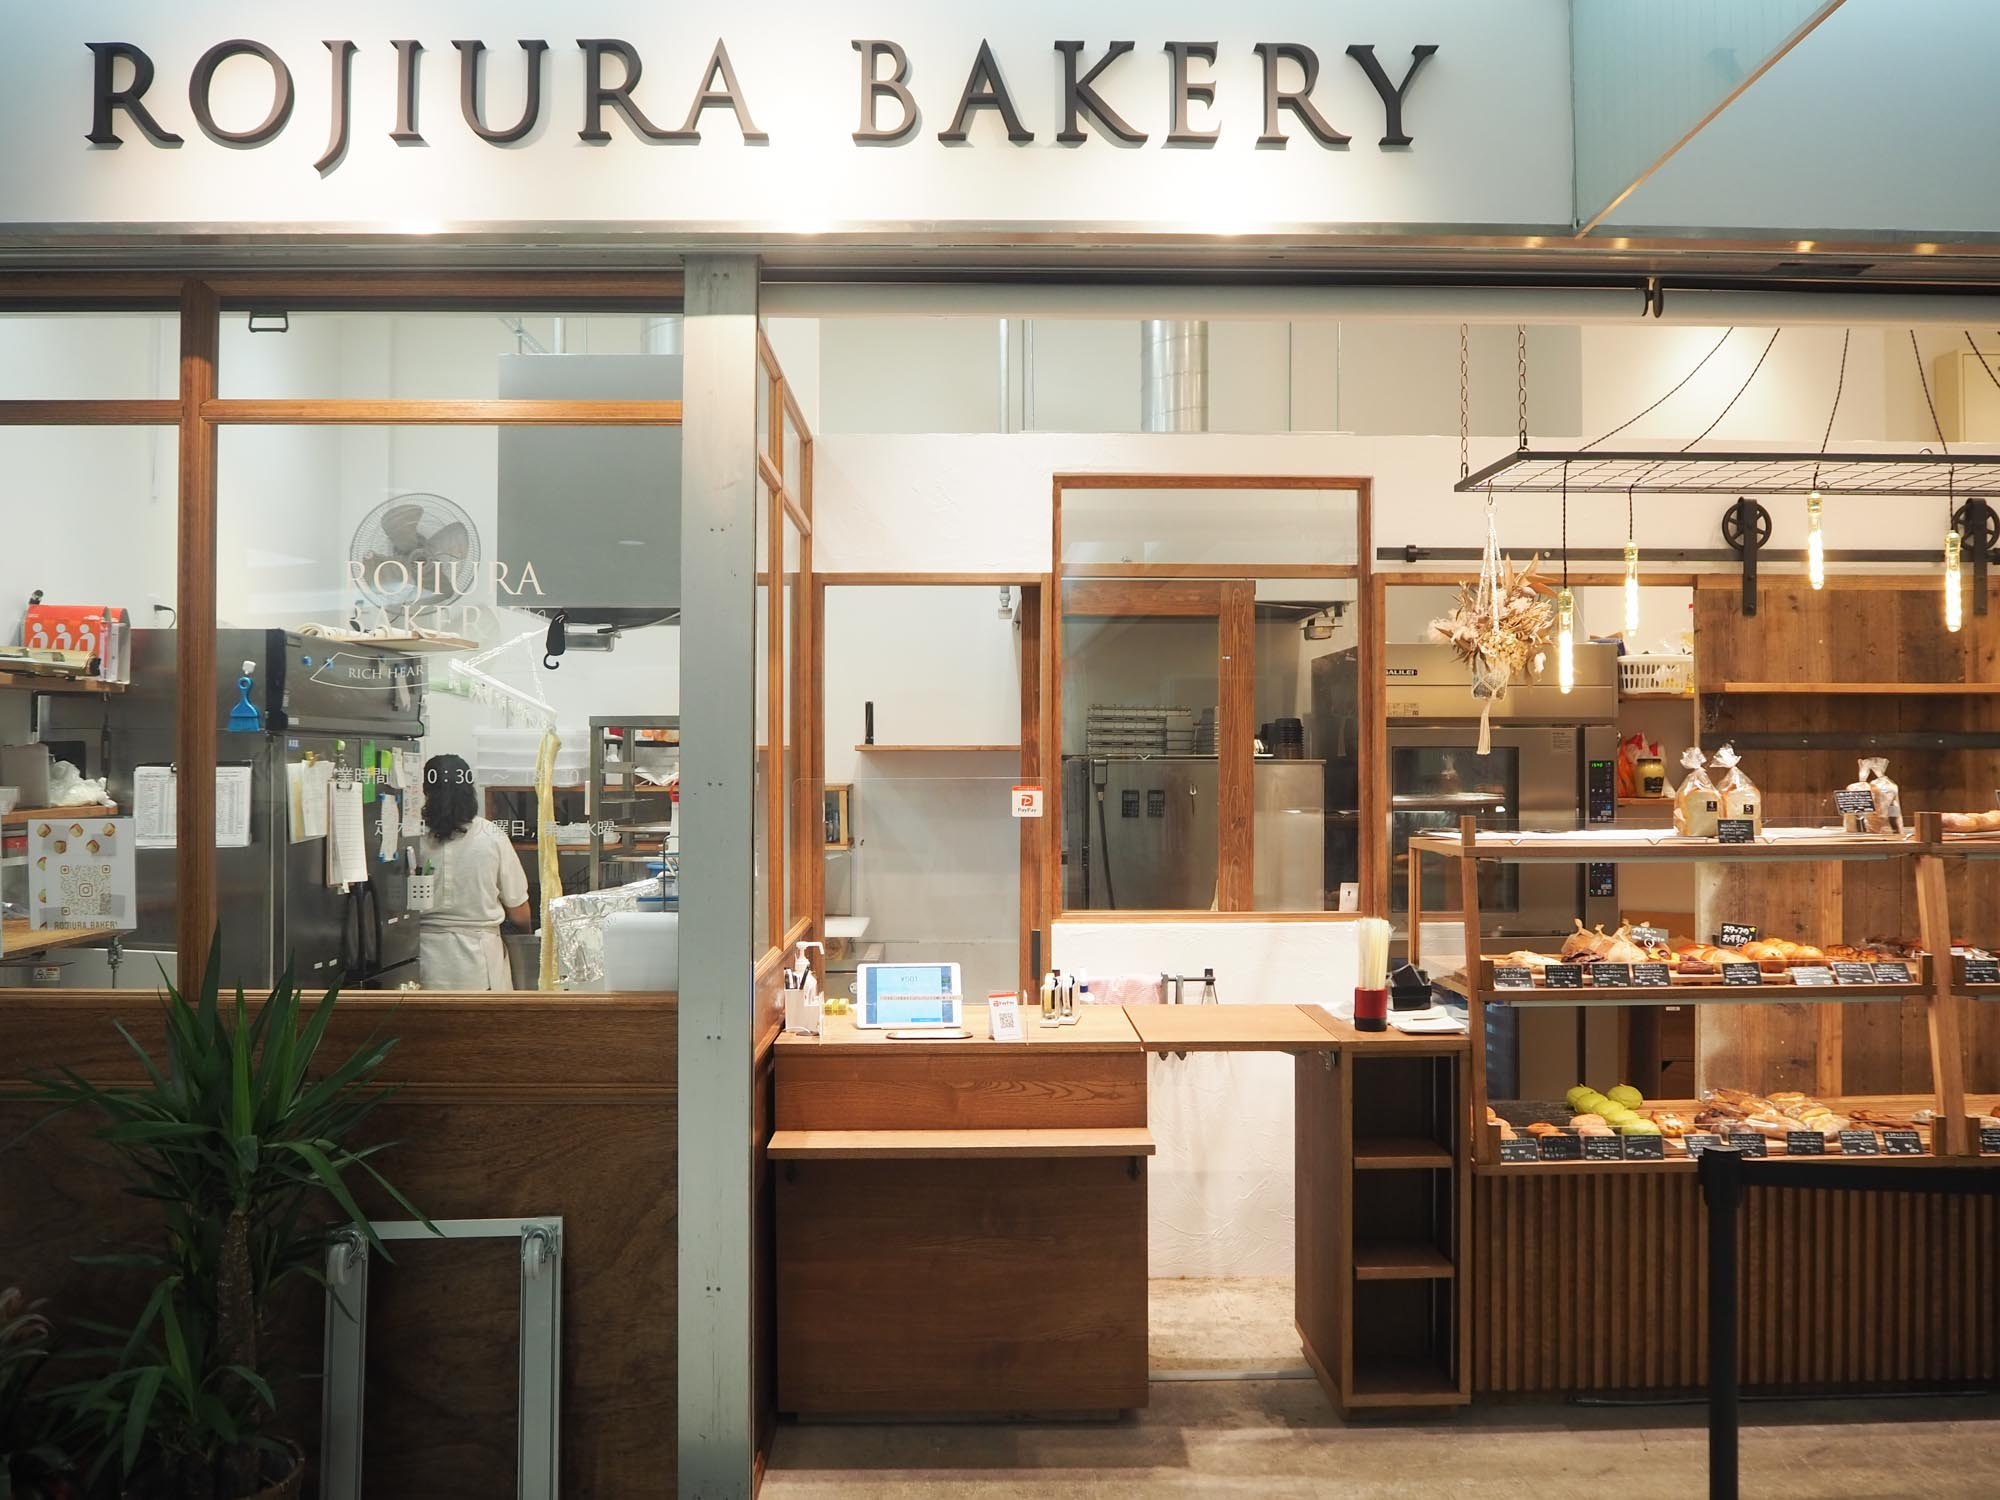 同じフロアには西新・黒門で人気の「ロヂウラベーカリー」も2021年6月に新規オープン。 こちらのパンを福岡タワーや海を眺めながらいただくのも素敵ですね。